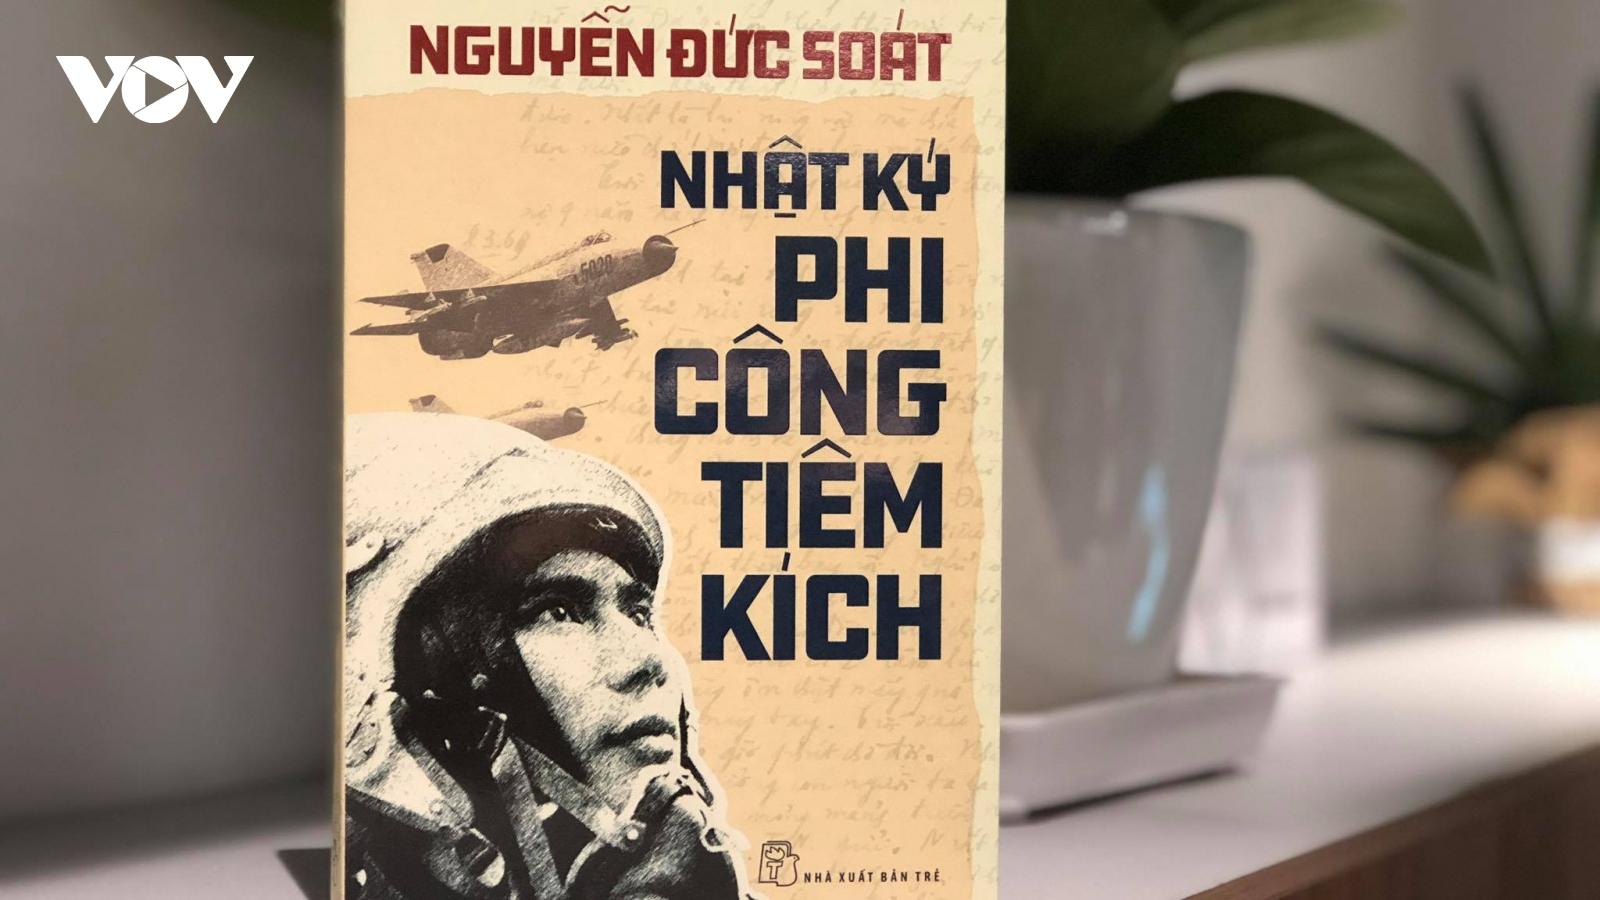 """""""Nhật ký phi công tiêm kích"""" – một cuốn sách nên đọc"""